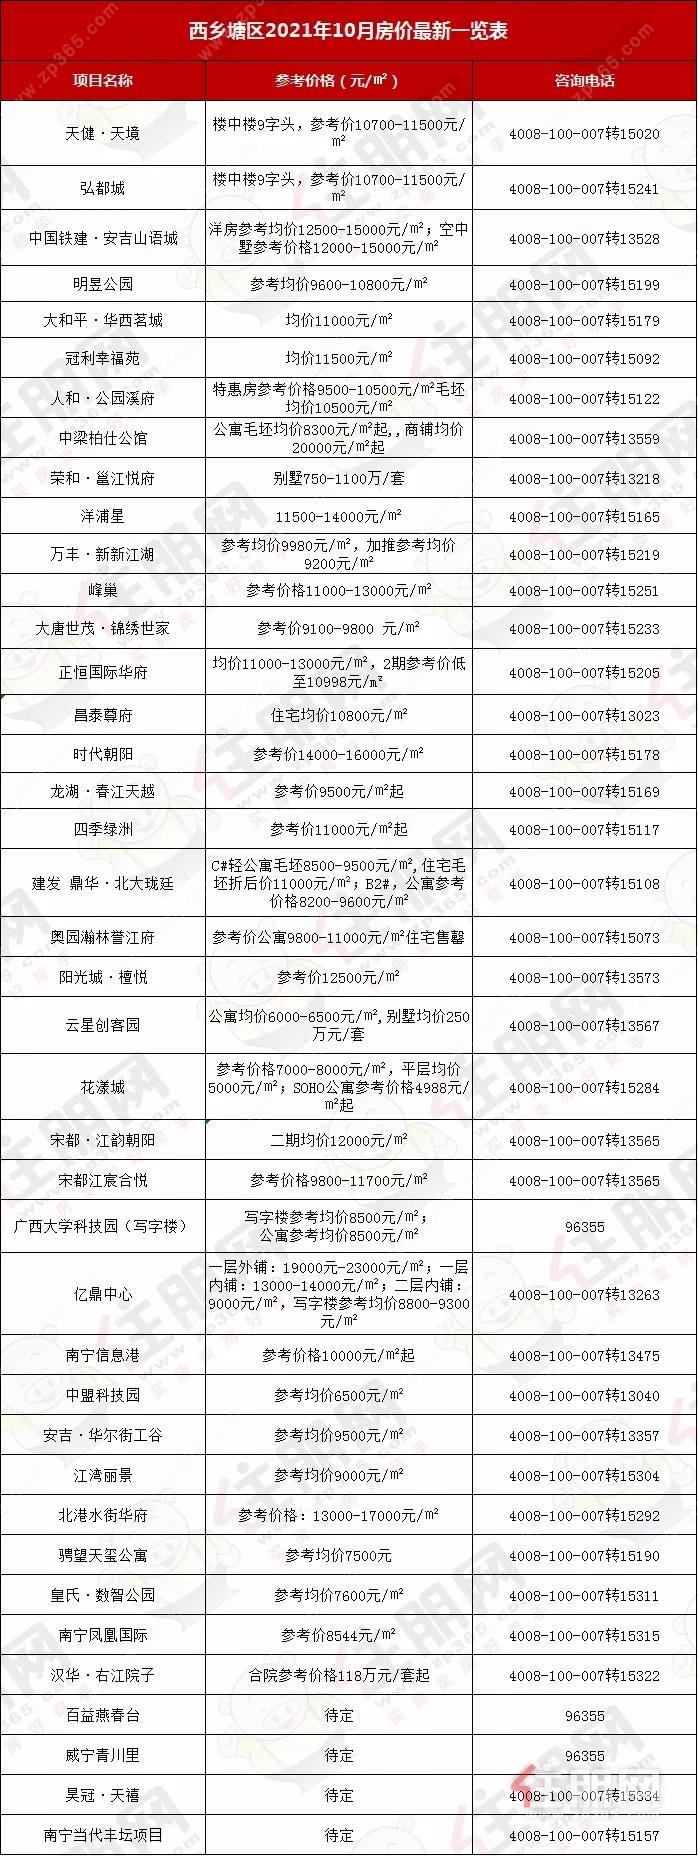 324个楼盘! 南宁10月最新房价出炉! 青秀最高3.3万元/㎡, 五象最高2.6万元/㎡